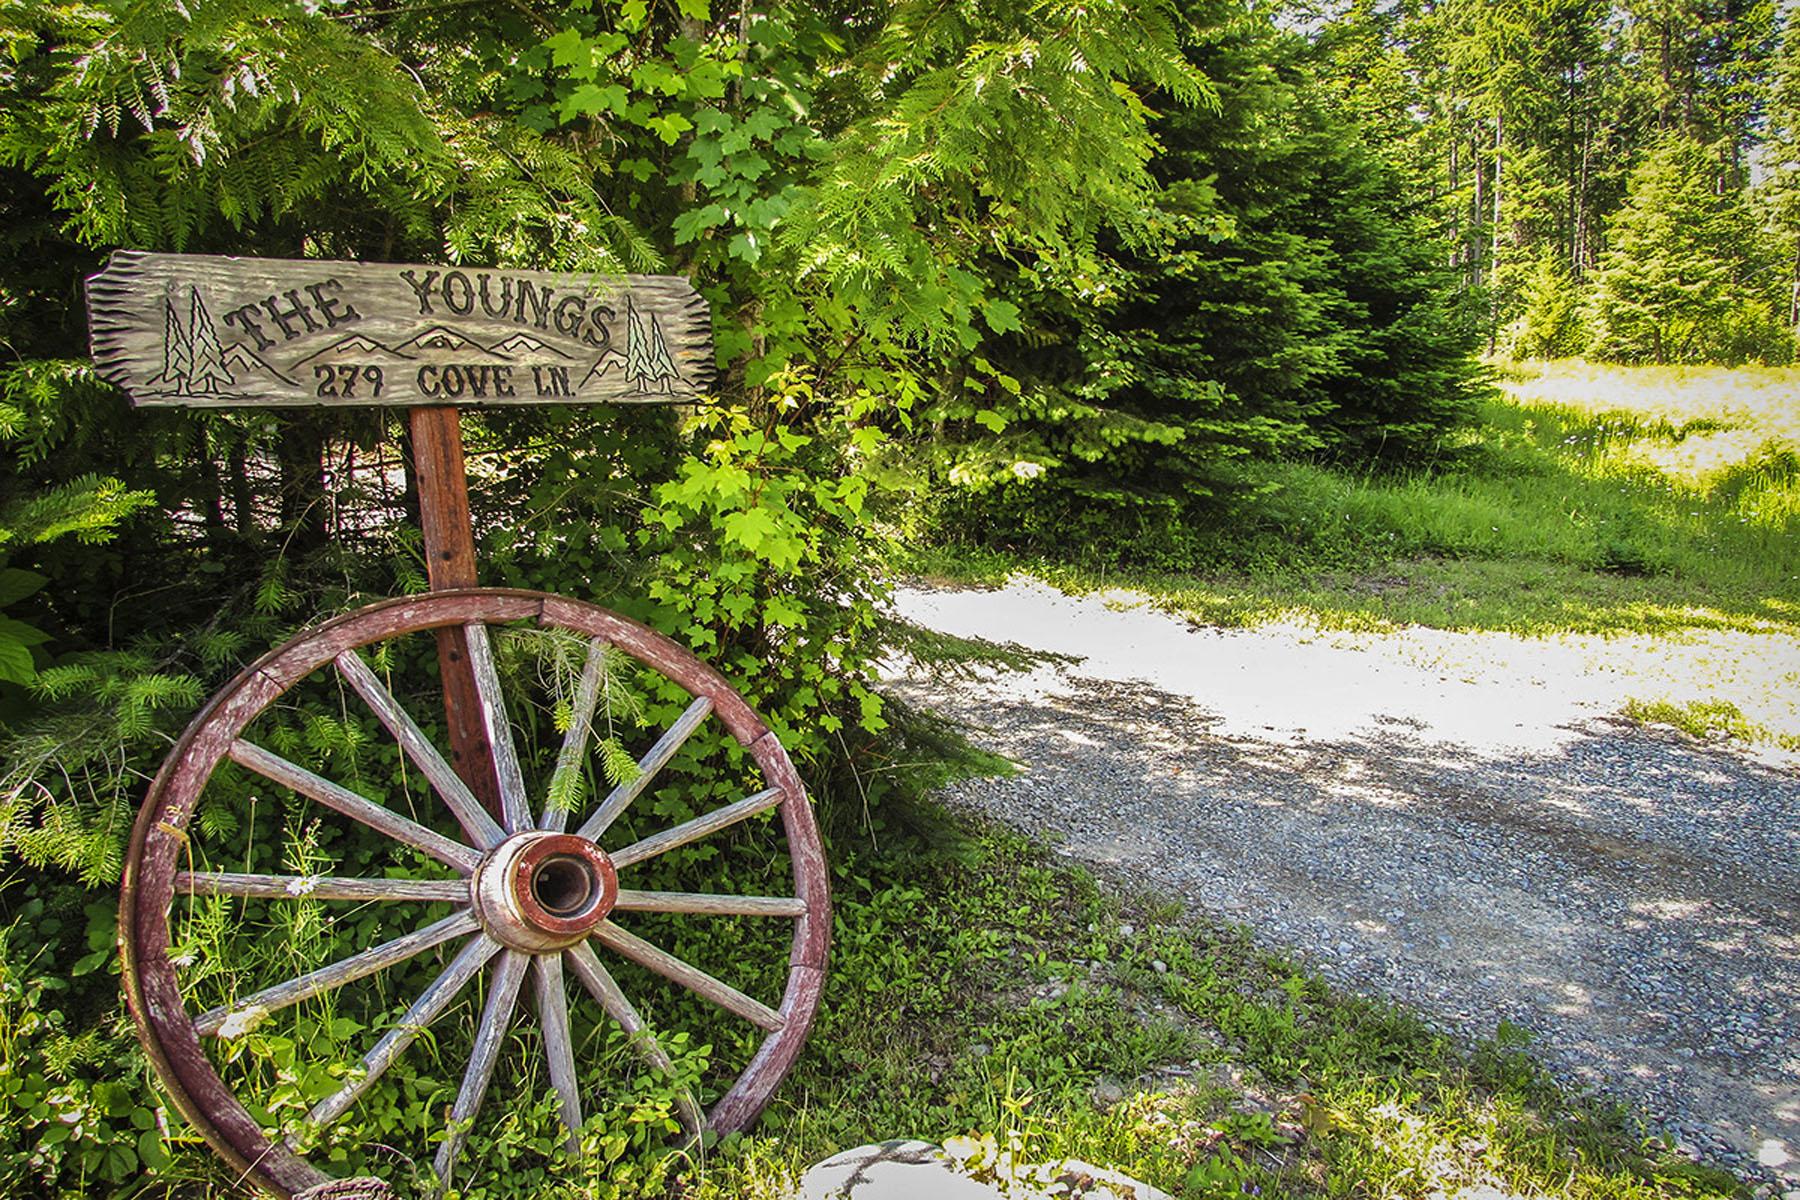 Частный односемейный дом для того Продажа на Charming Two Story Country Home 279 Cove Lane Moyie Springs, Айдахо 83845 Соединенные Штаты